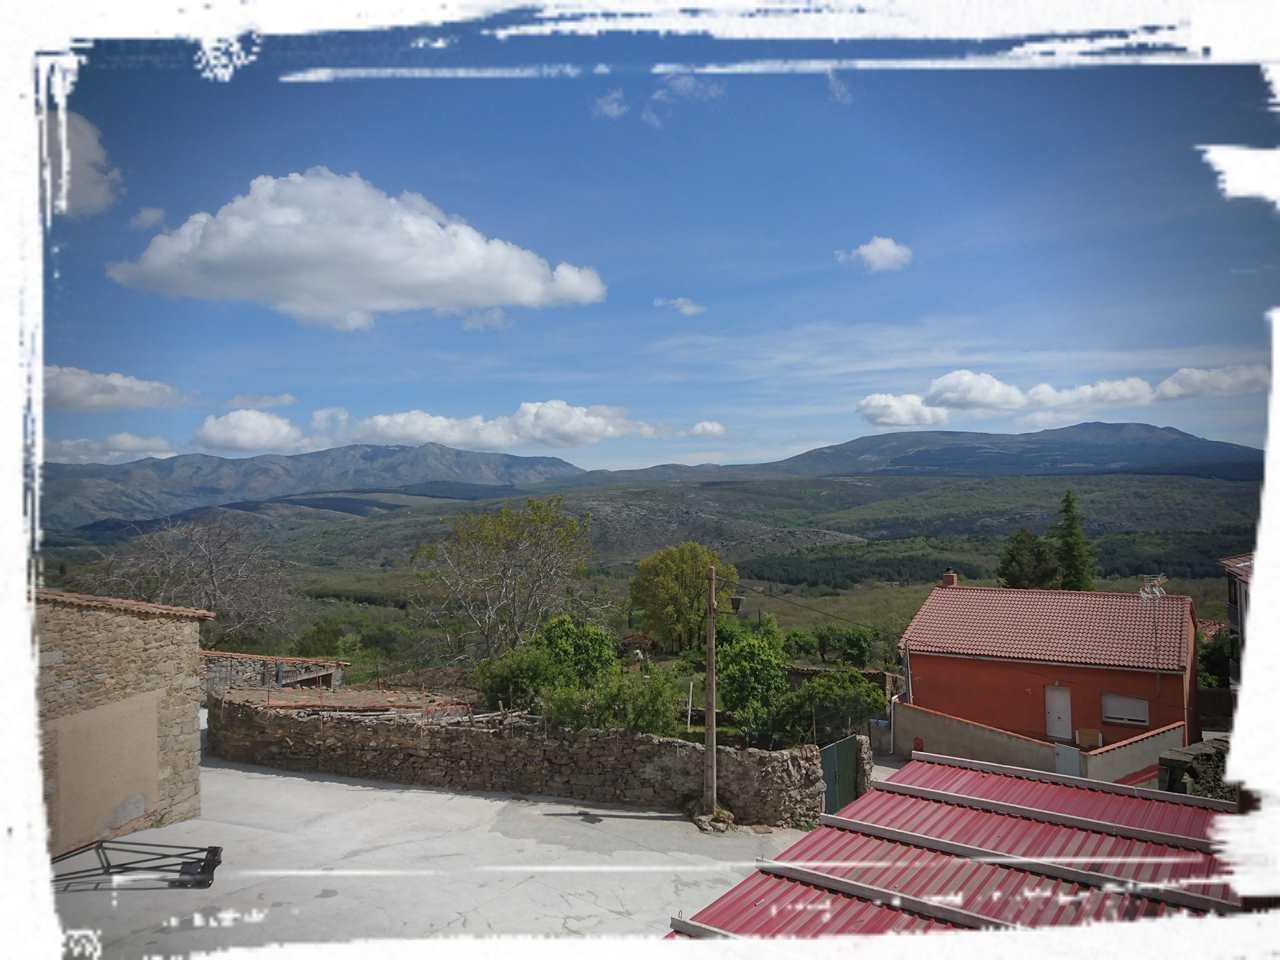 Alquiler vacaciones en Hoyocasero, Ávila